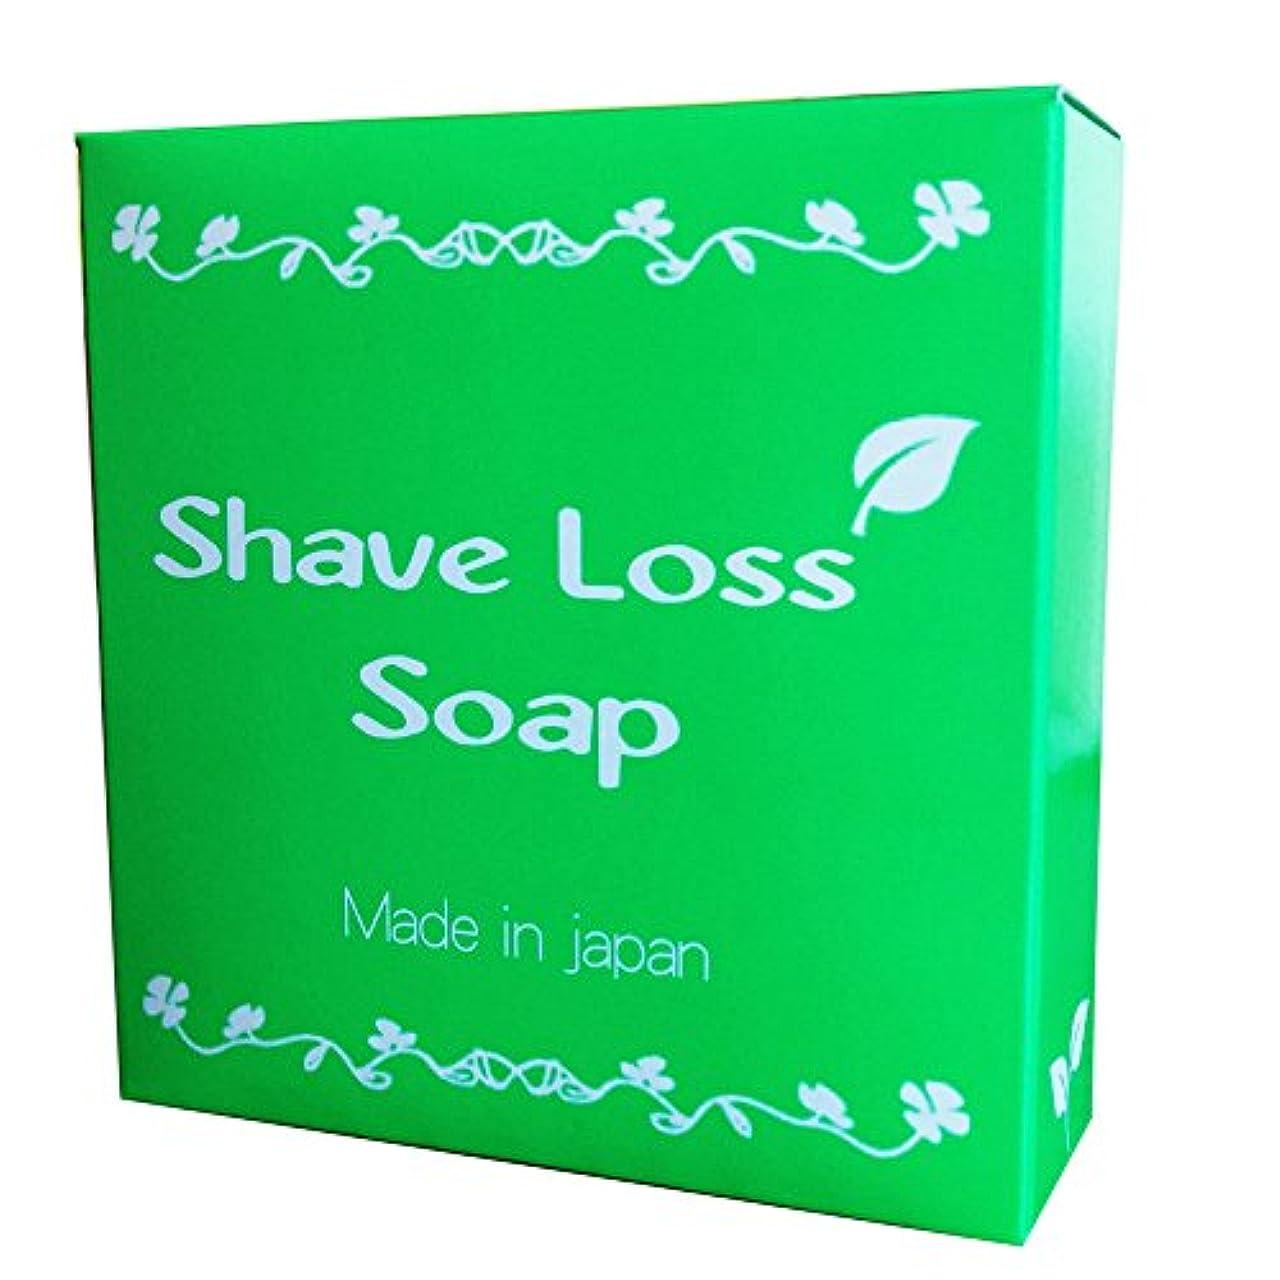 地理郵便屋さん大騒ぎShave Loss Soap 女性のツルツルを叶える 奇跡の石鹸 80g (1個)